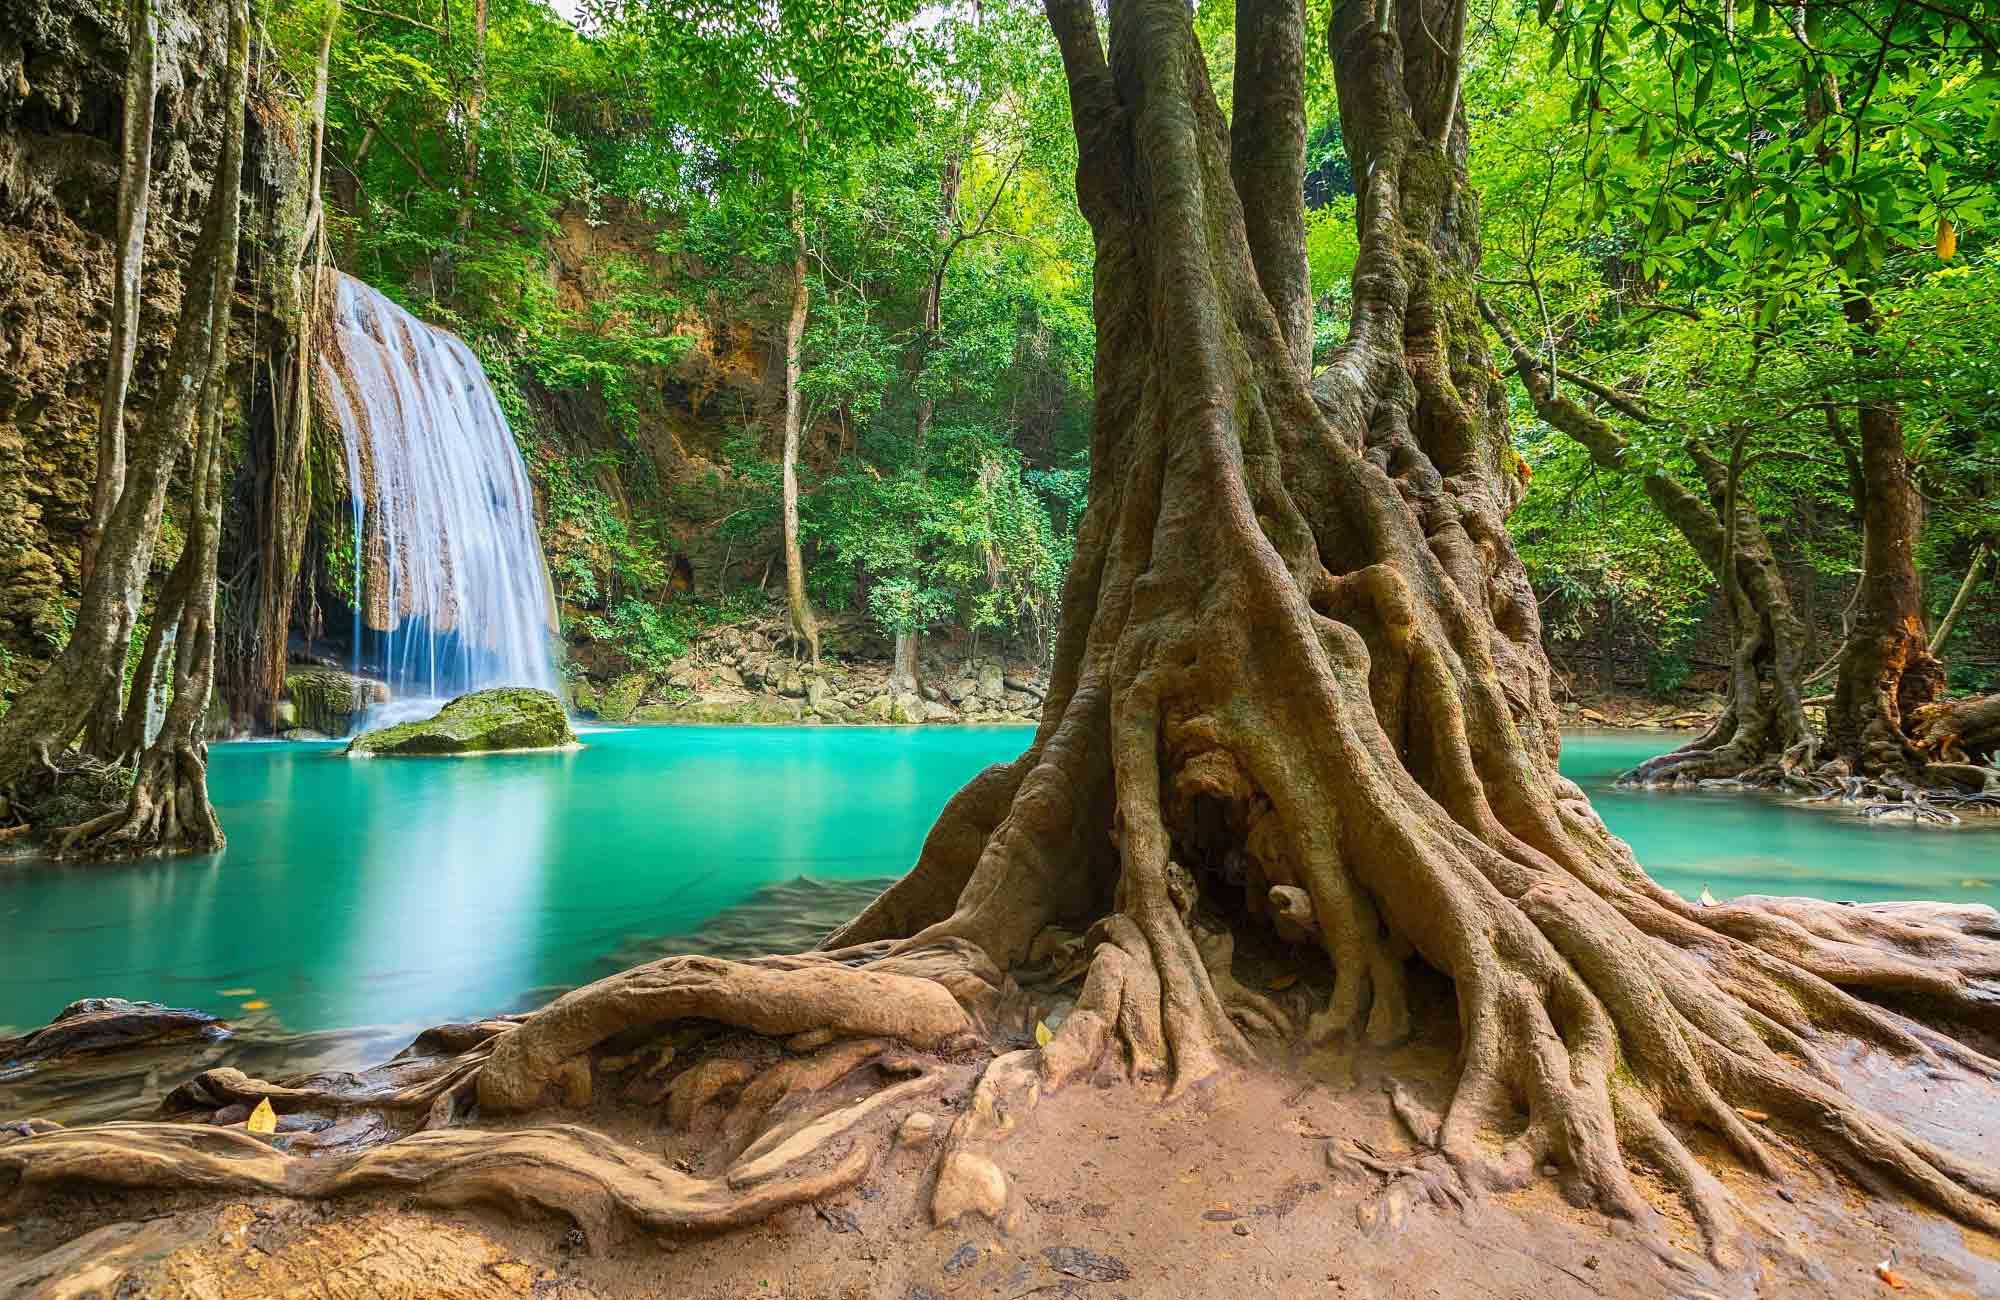 Voyage Thaïlande - Erawan - Amplitudes